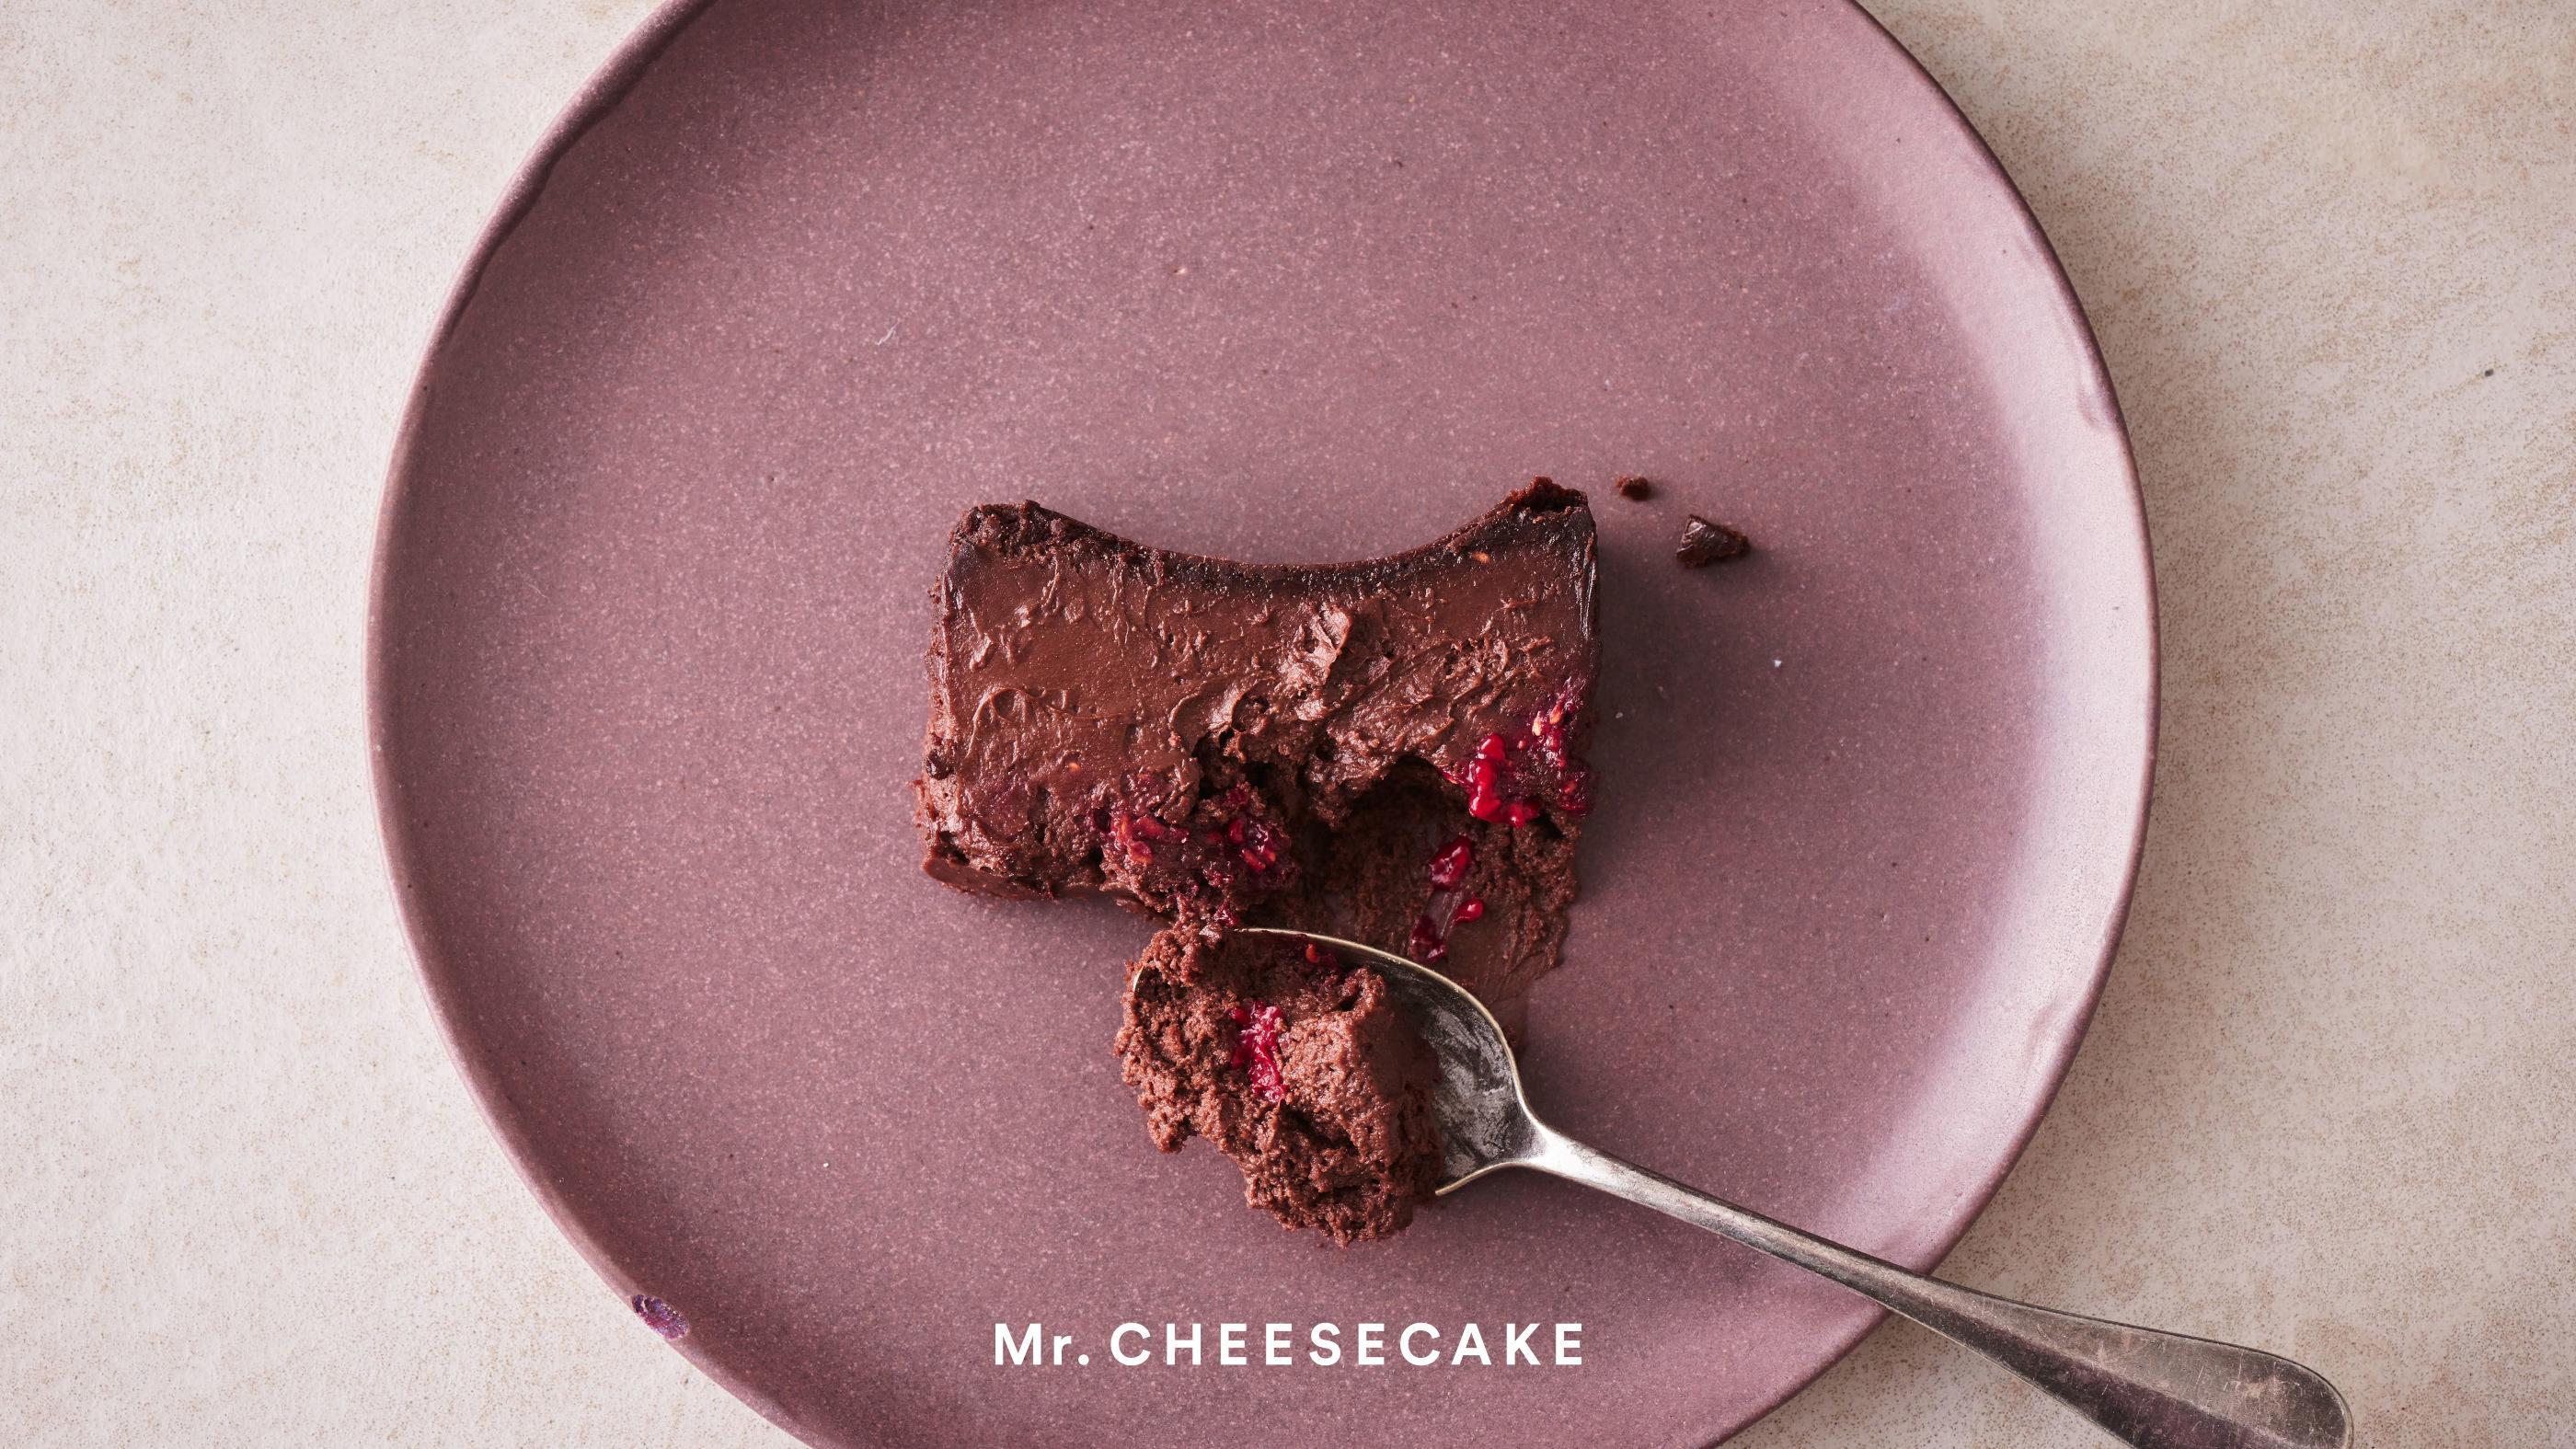 Mr. CHEESECAKE pop-up restaurant